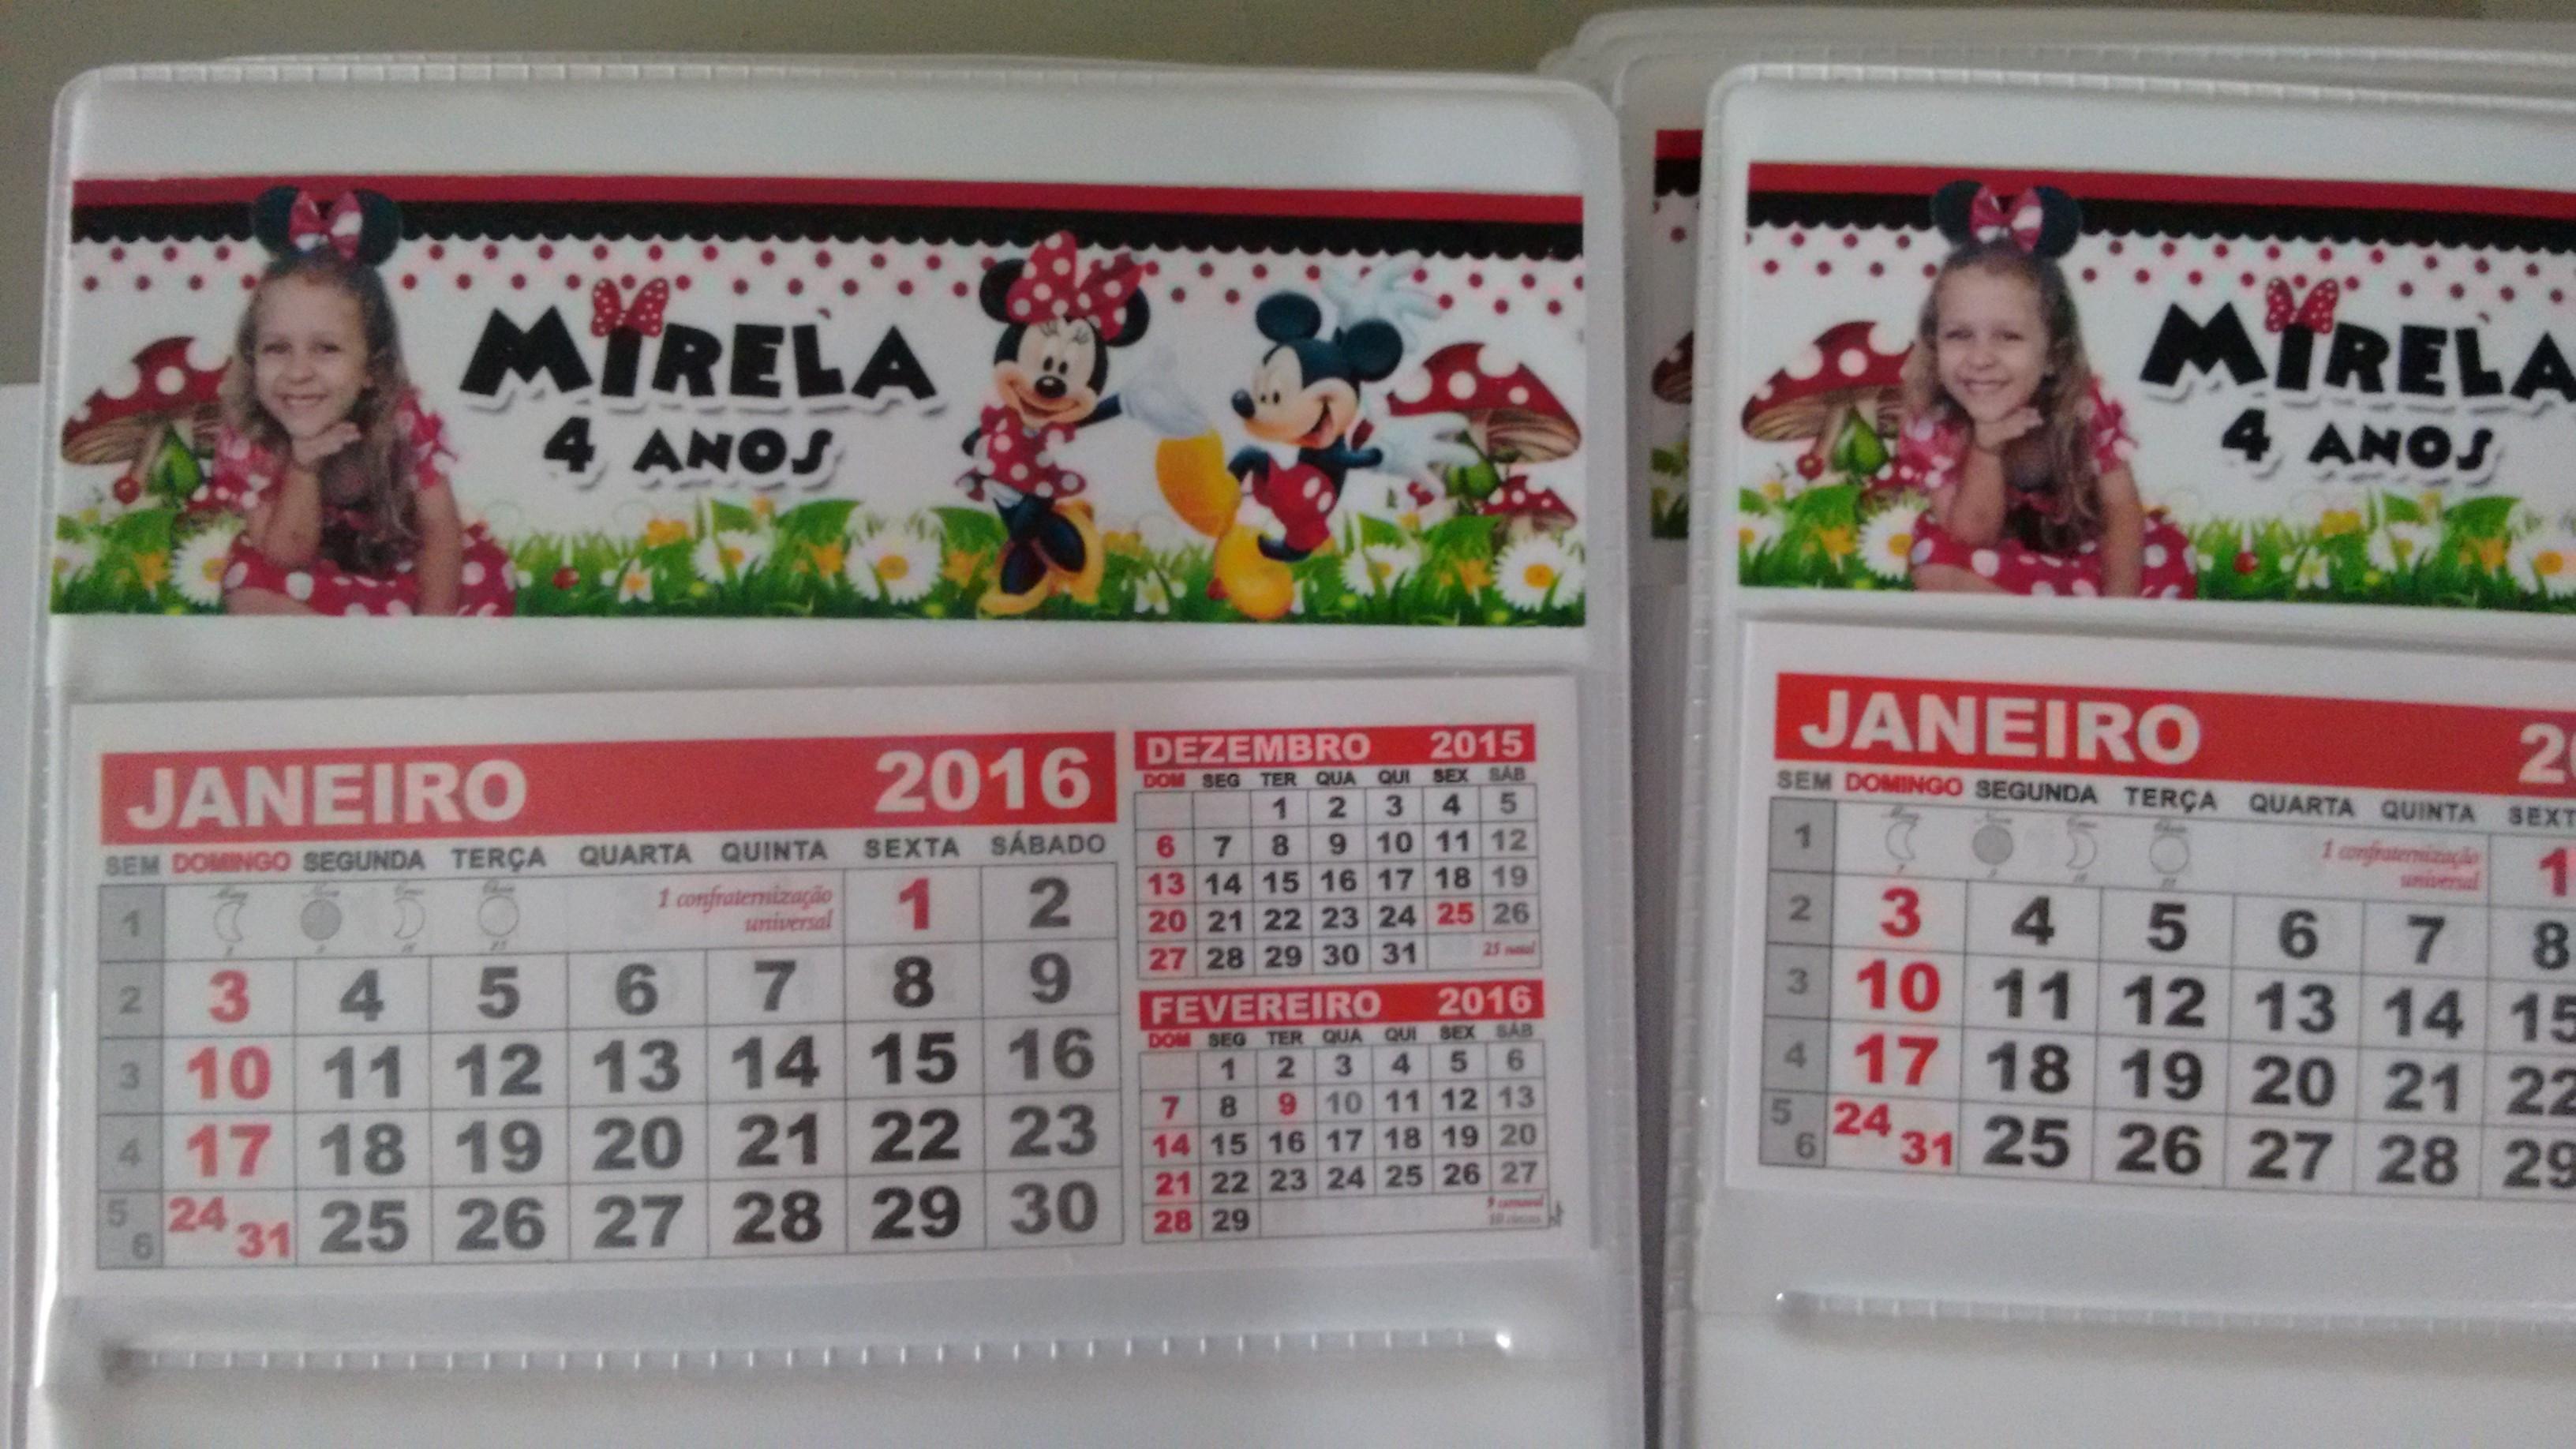 Calendário 2019 Com Feriados Nacionais Para Imprimir Más Caliente Calendario 2016 Ms De Abril Mickey E Minnie T Of Calendário 2019 Com Feriados Nacionais Para Imprimir Más Recientes Calendario Octubre 2018 Colombia T